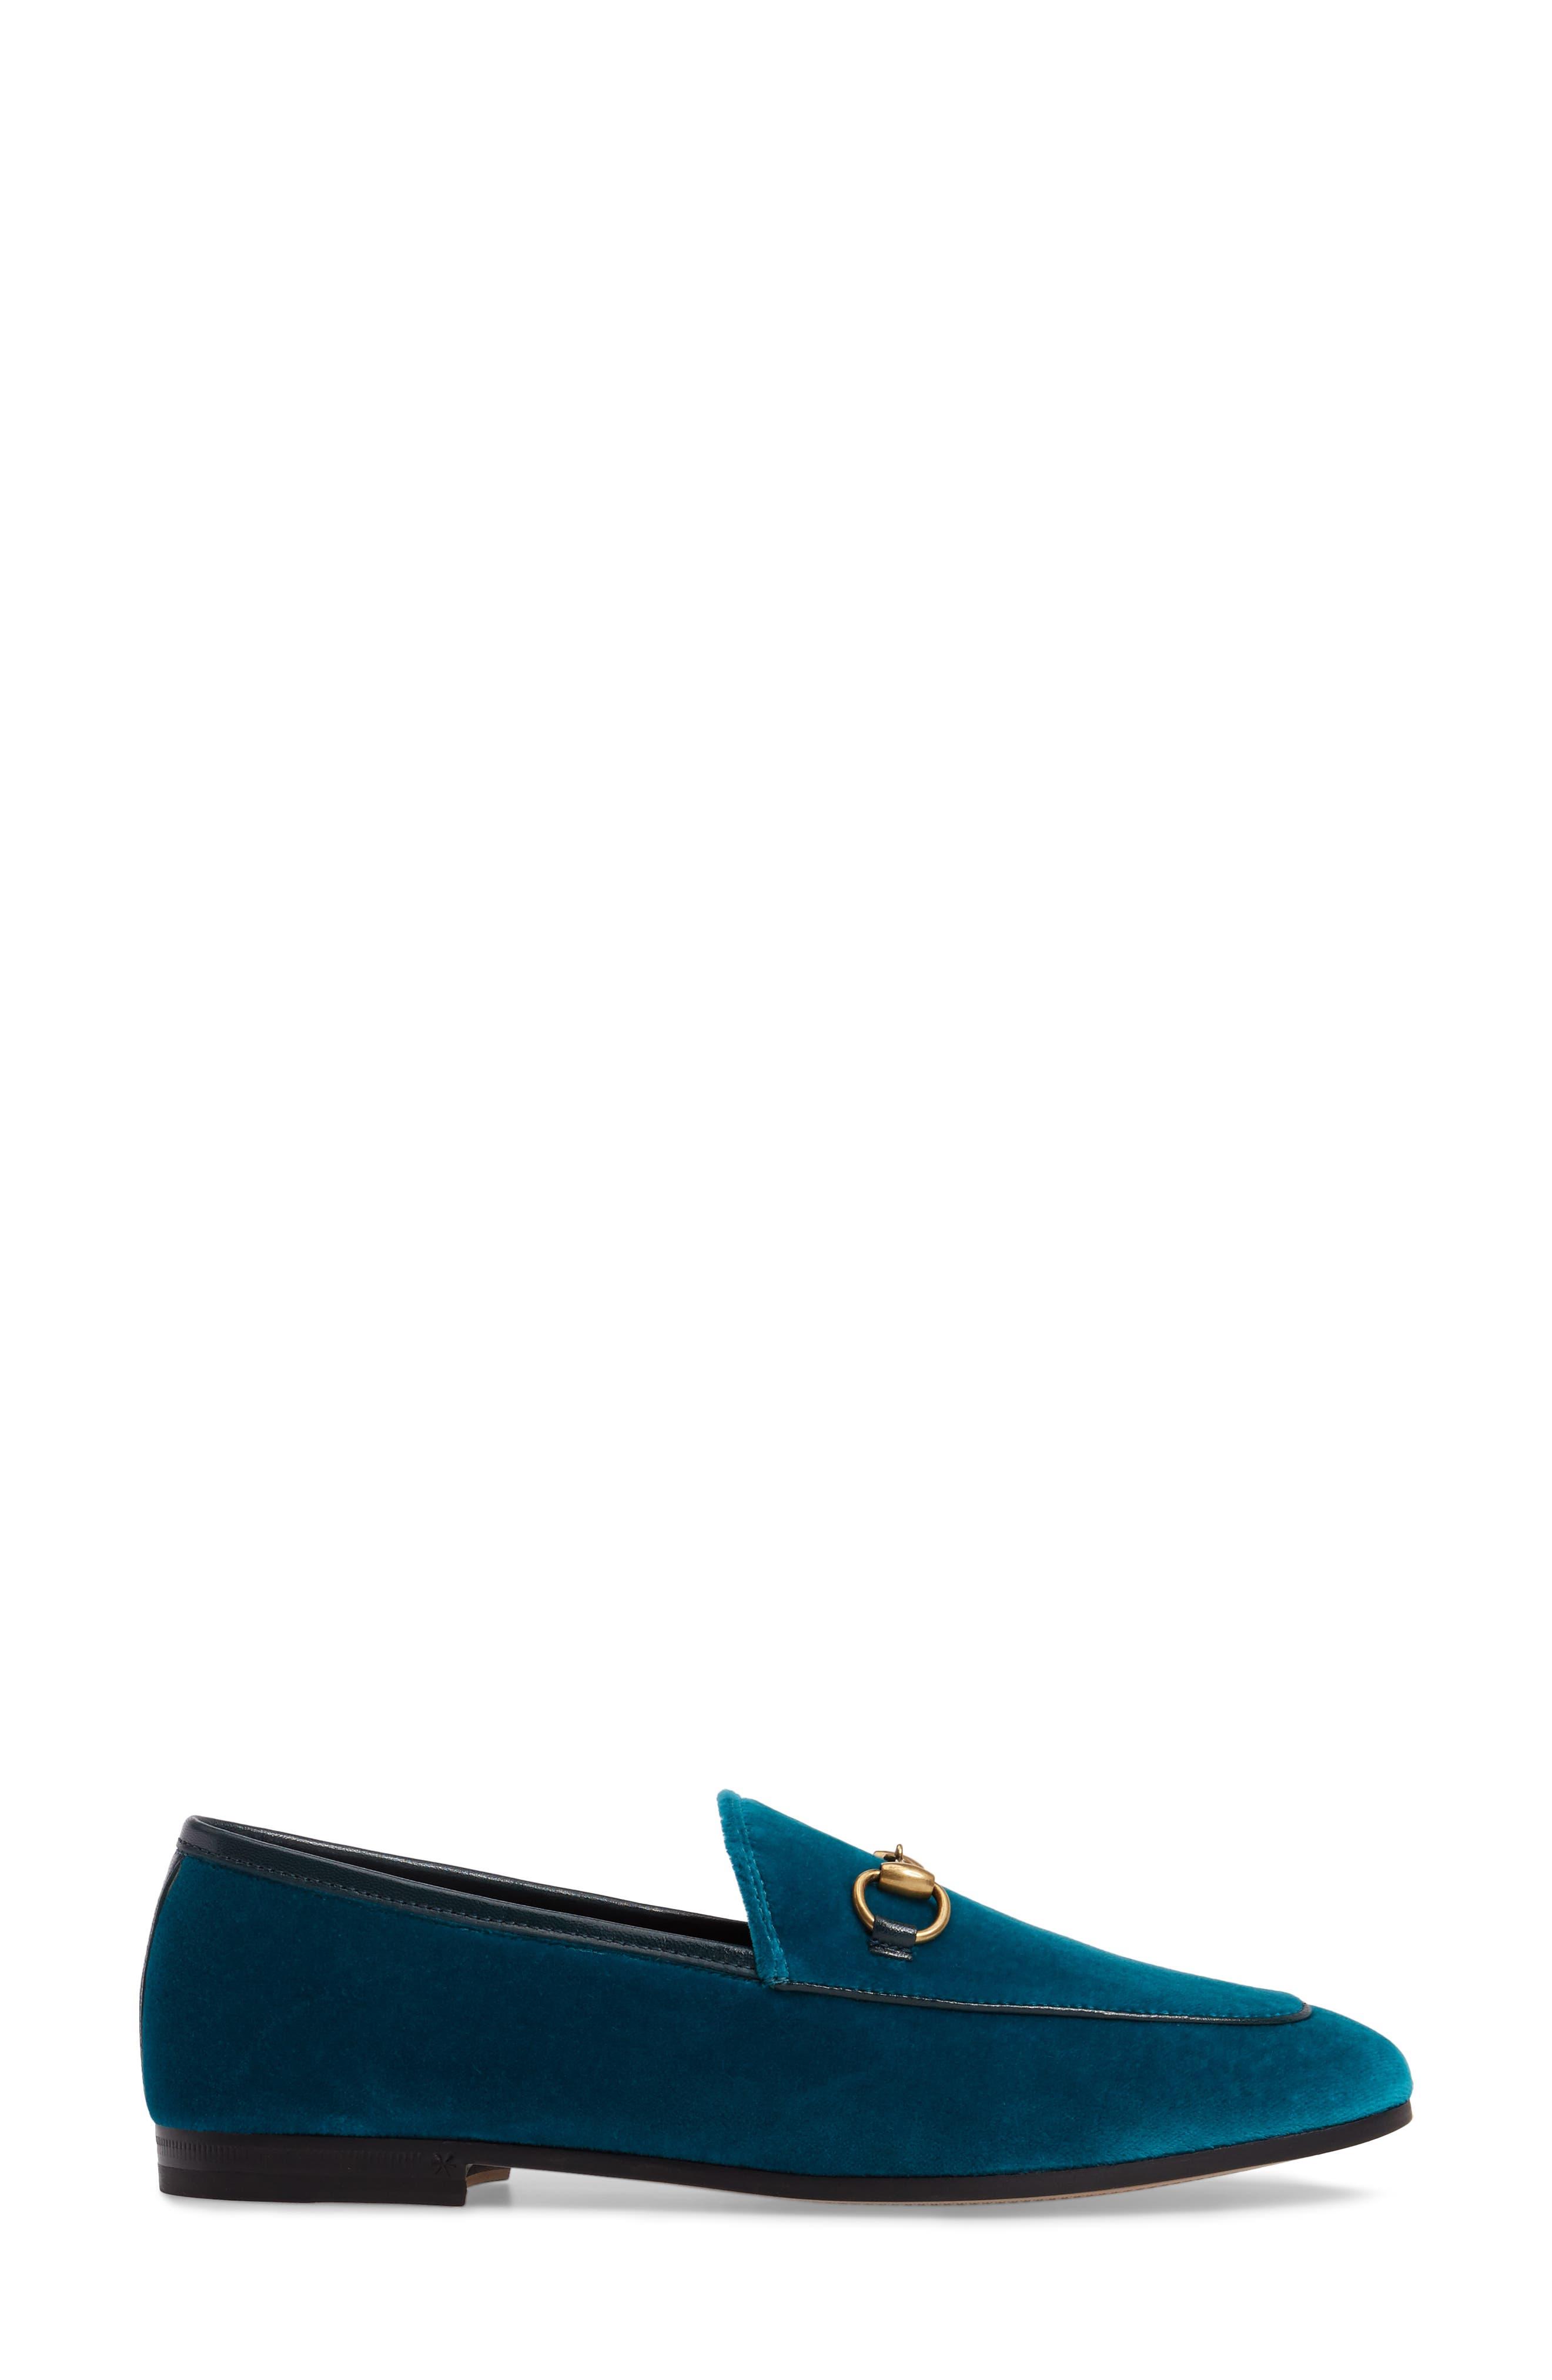 Brixton Velvet Loafer,                             Alternate thumbnail 3, color,                             Blue Velvet